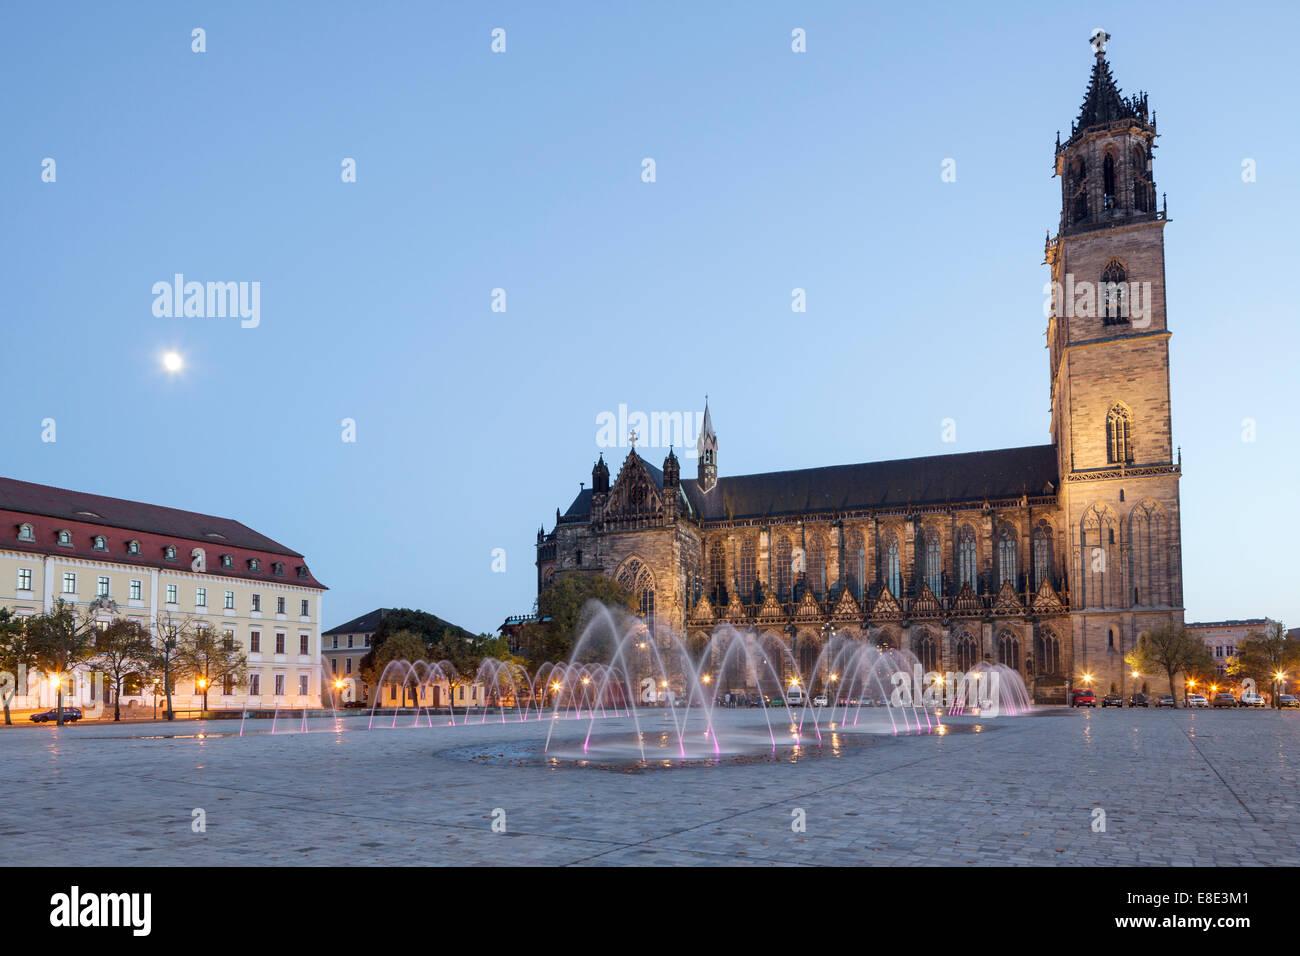 Domplatz mit Dom, Magdeburg, Sachsen Anhalt, Deutschland Stockbild